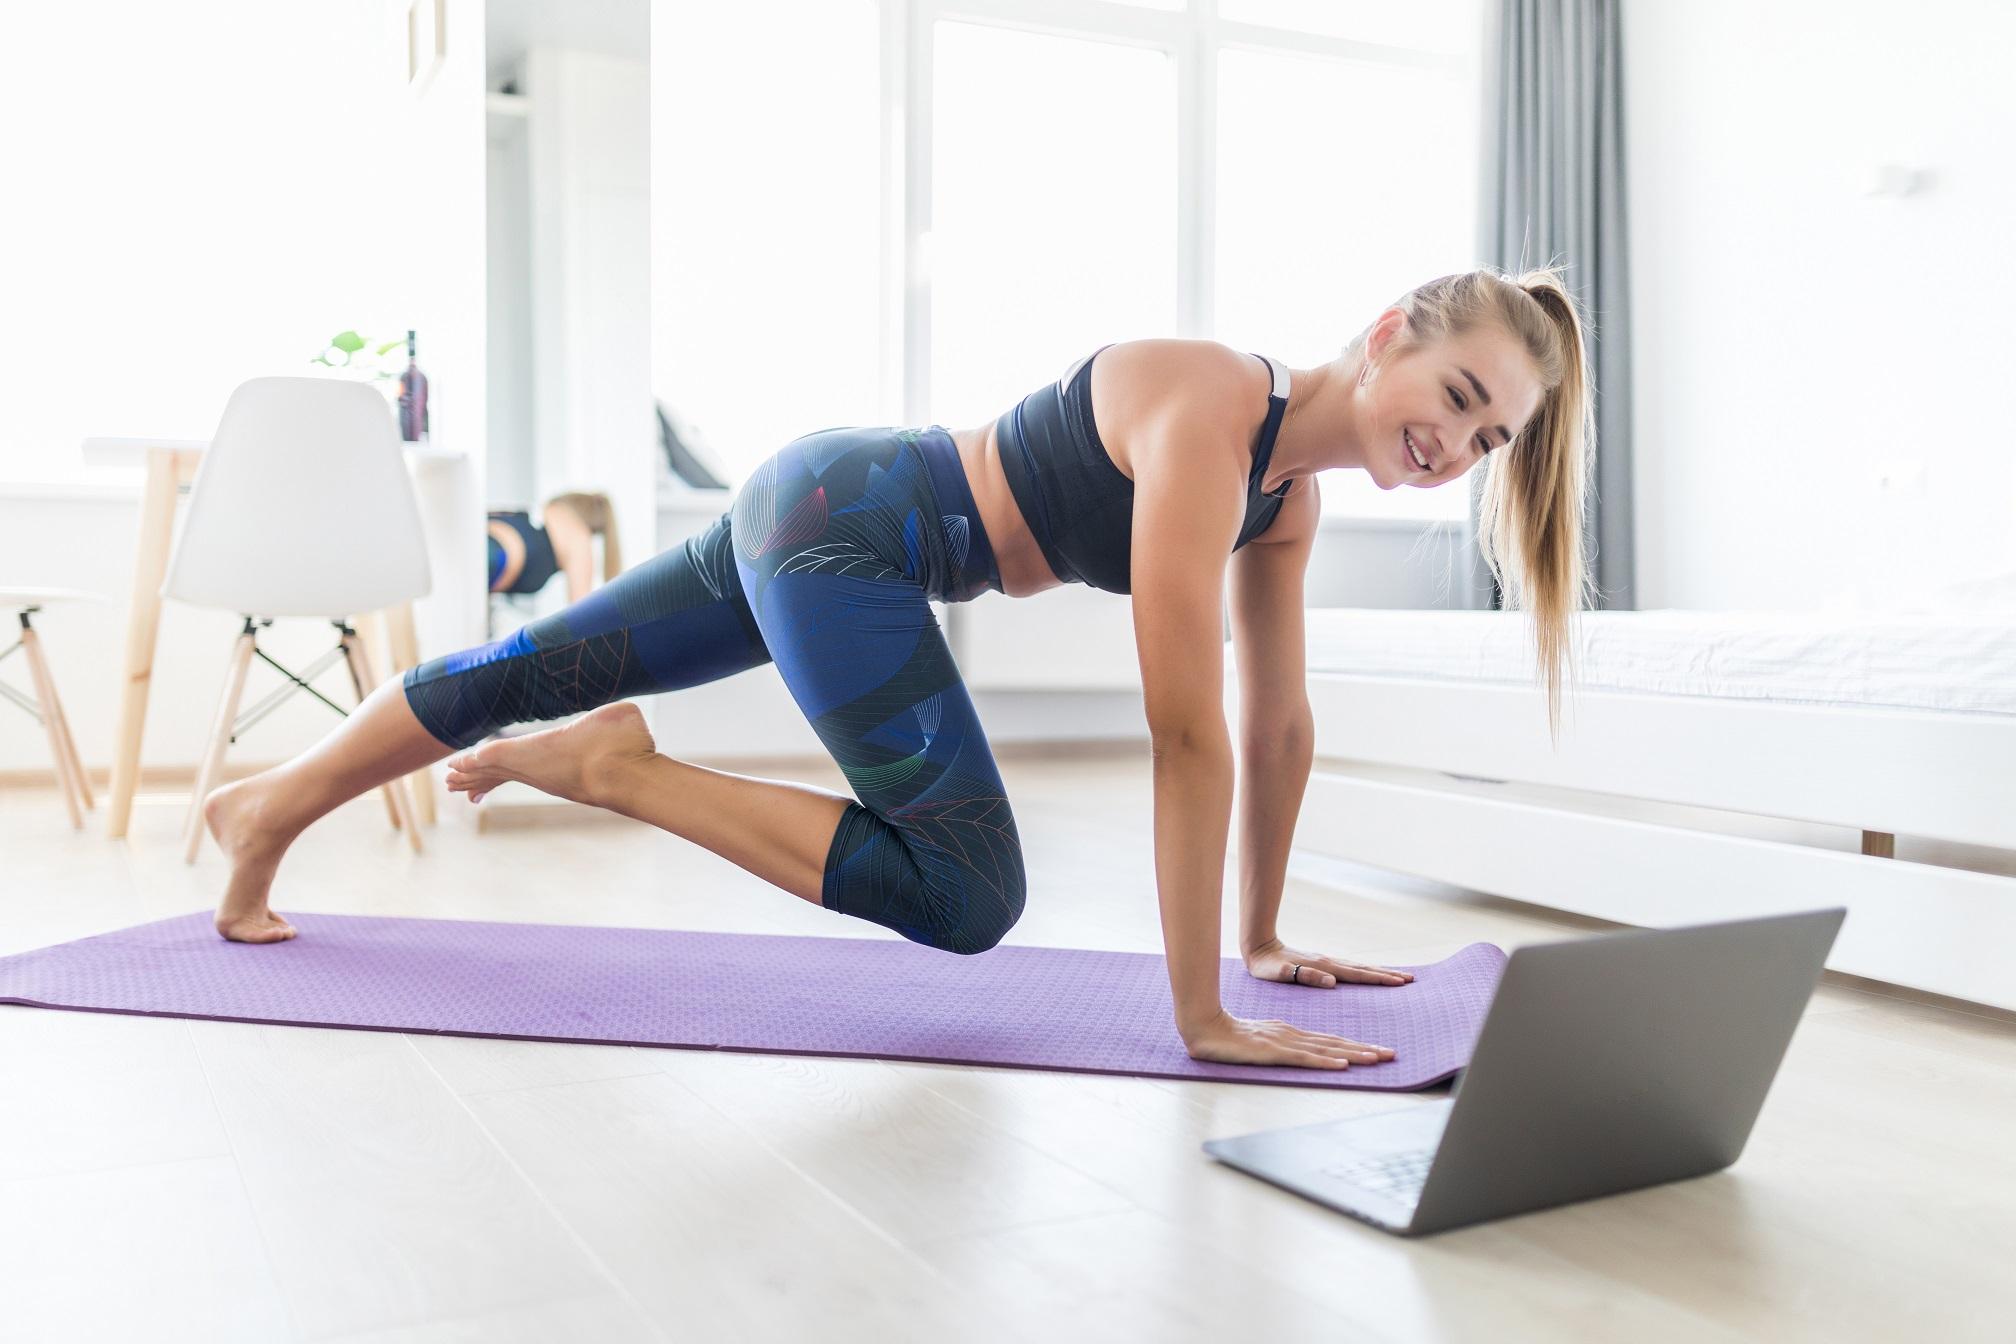 Setembro amarelo: saúde mental x exercícios físicos e alimentação, qual a relação?